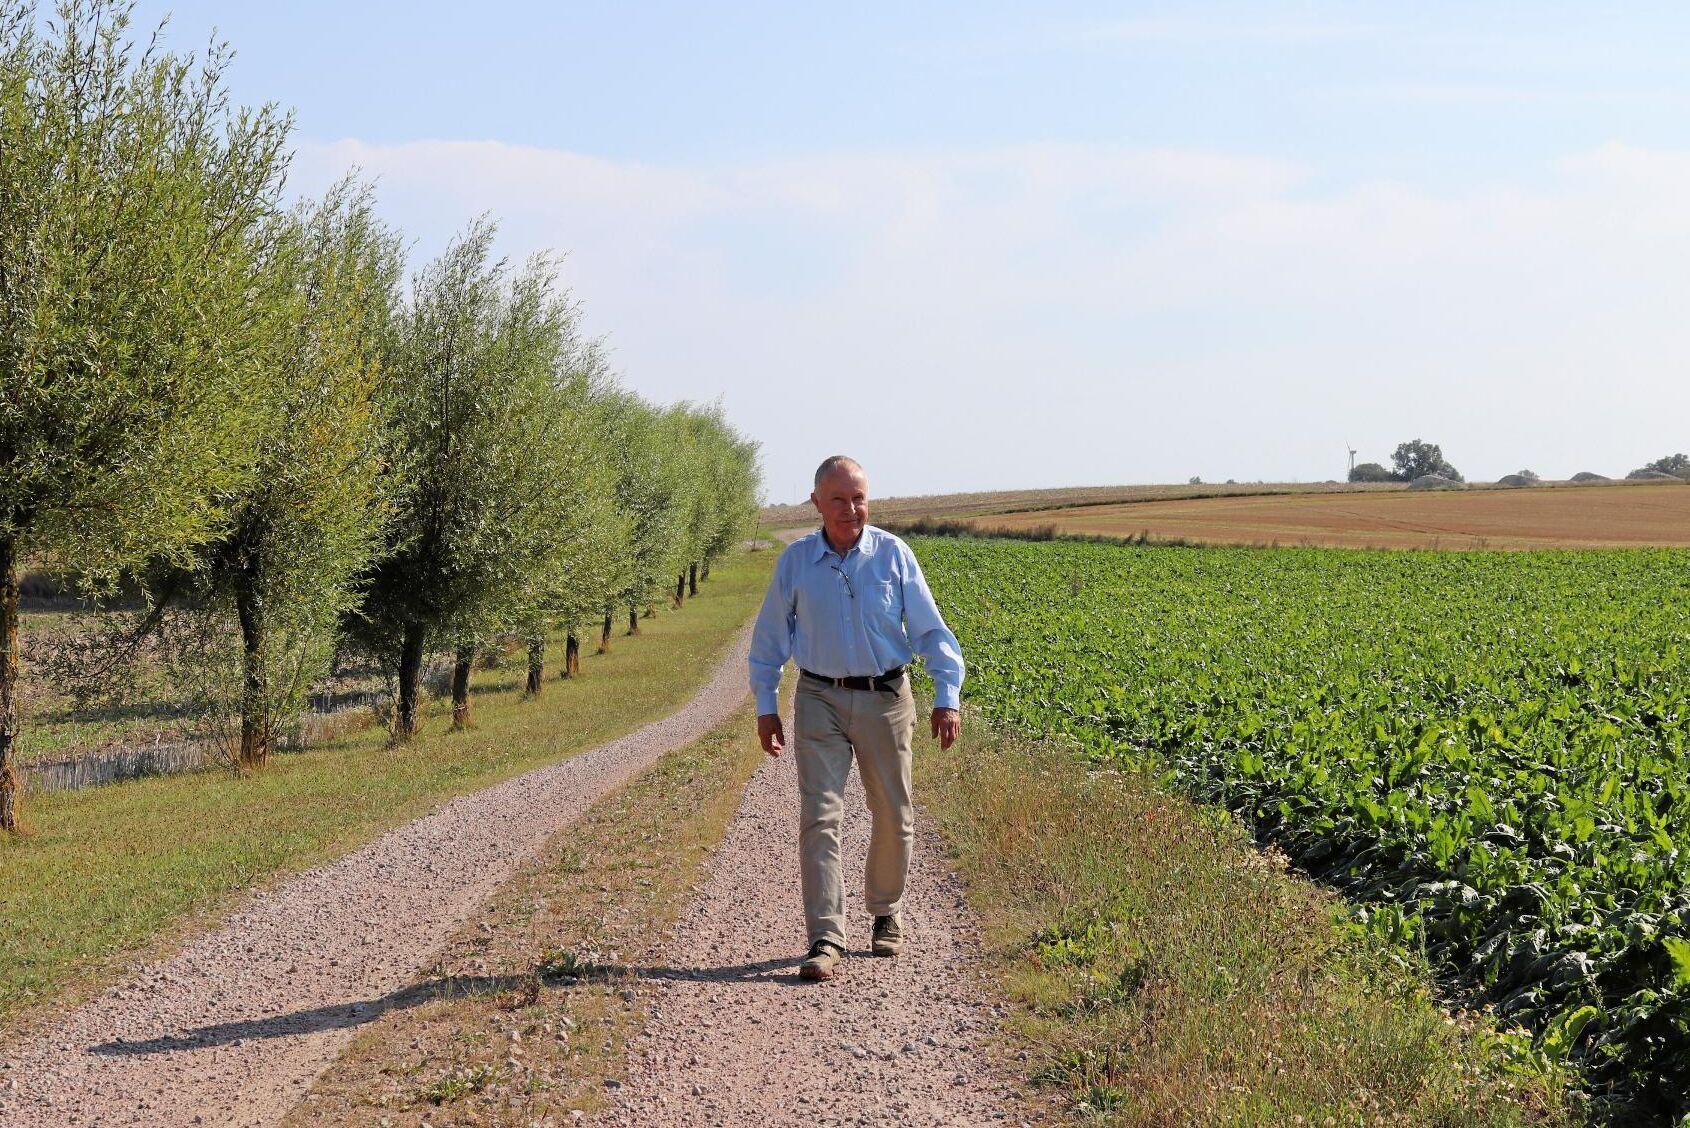 Anders Reimer hoppas på en skörd något över femårsgenomsnittet i år även om sockerbetorna nu lider i det torra och varma vädret på Villiegården i skånska Villie norr om Trelleborg. I år odlar han 44 hektar men planerar att utöka arealen 10 procent 2020 för att få del av den nya volymbonusen.